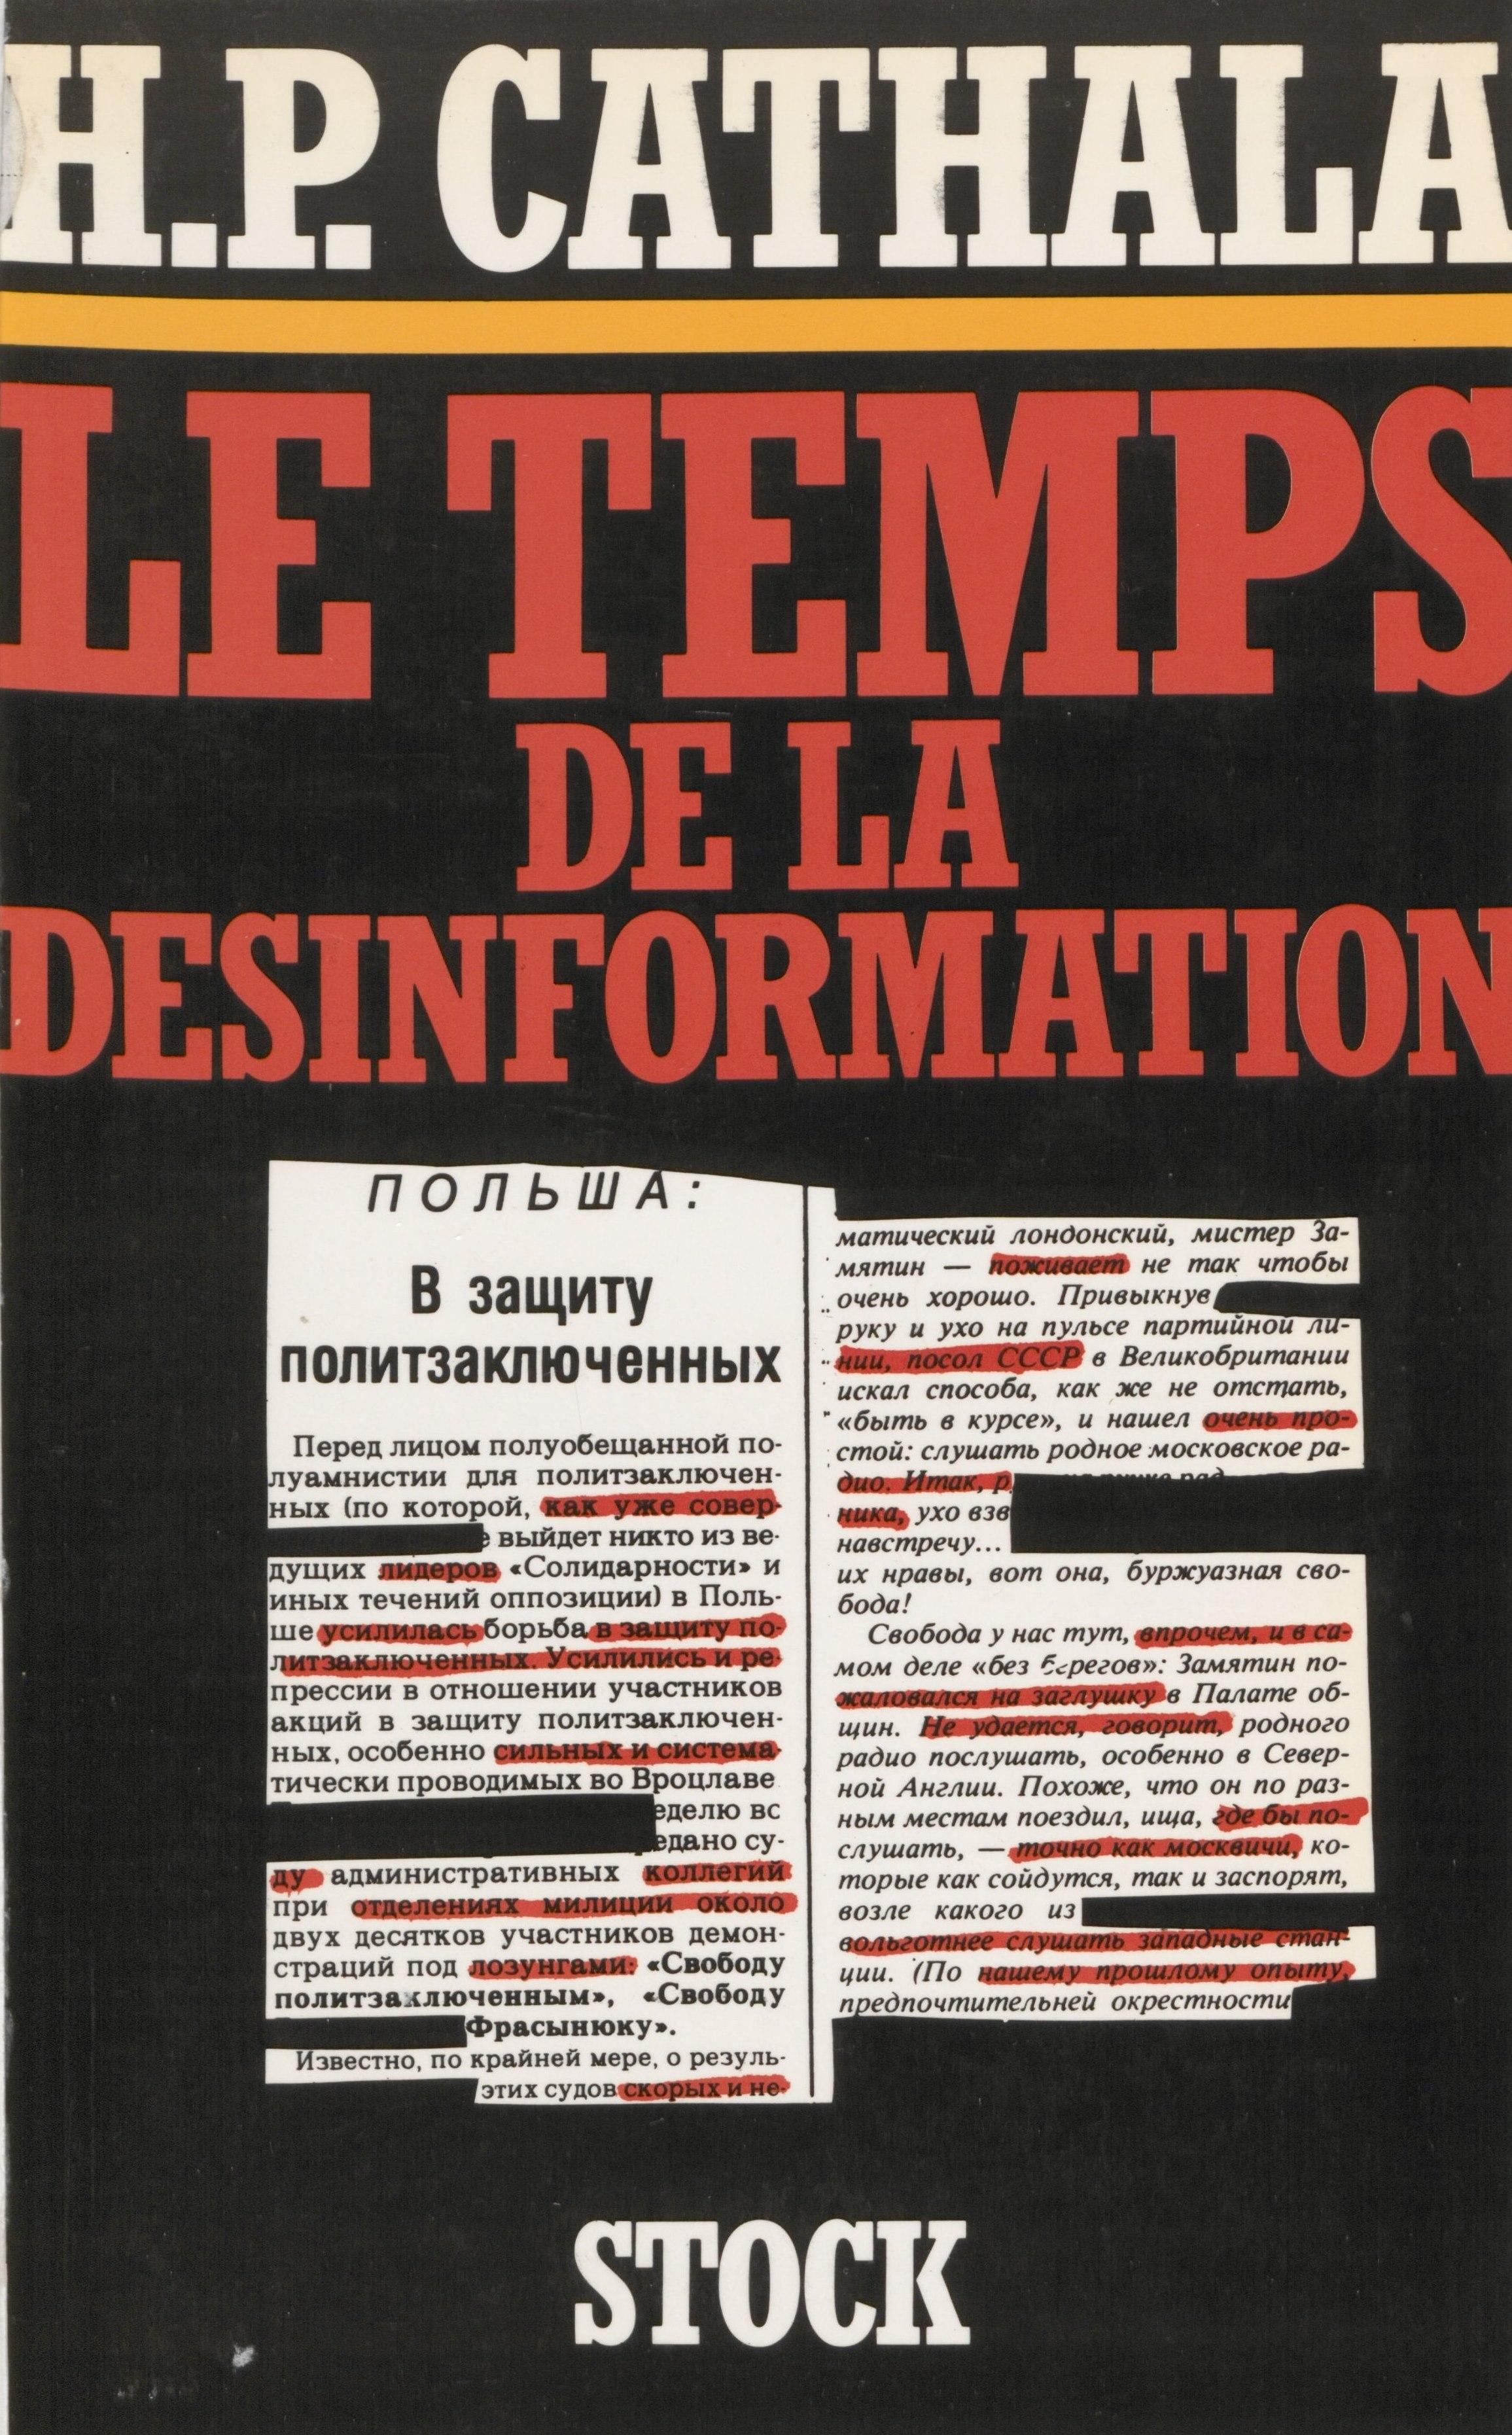 Le Temps de la désinformation